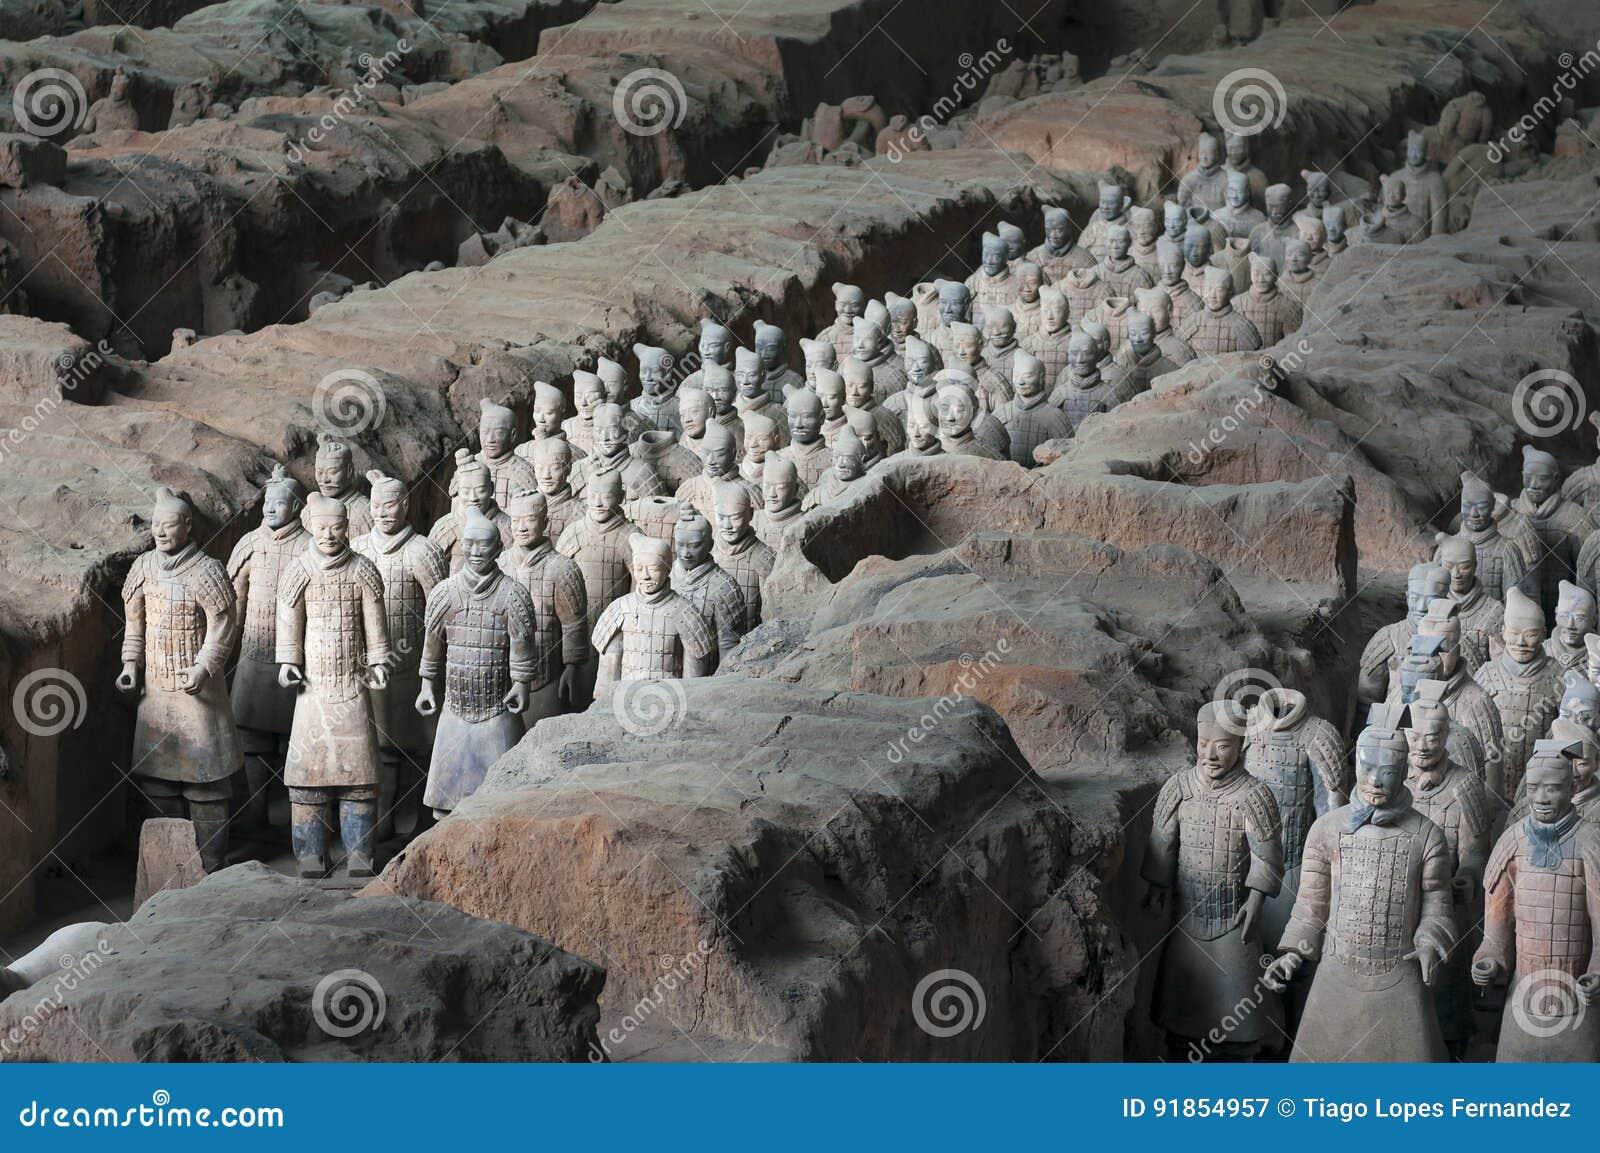 Ränge von Armee Terracota-Kriegern in der archäologischen Fundstätte nahe Xian, China